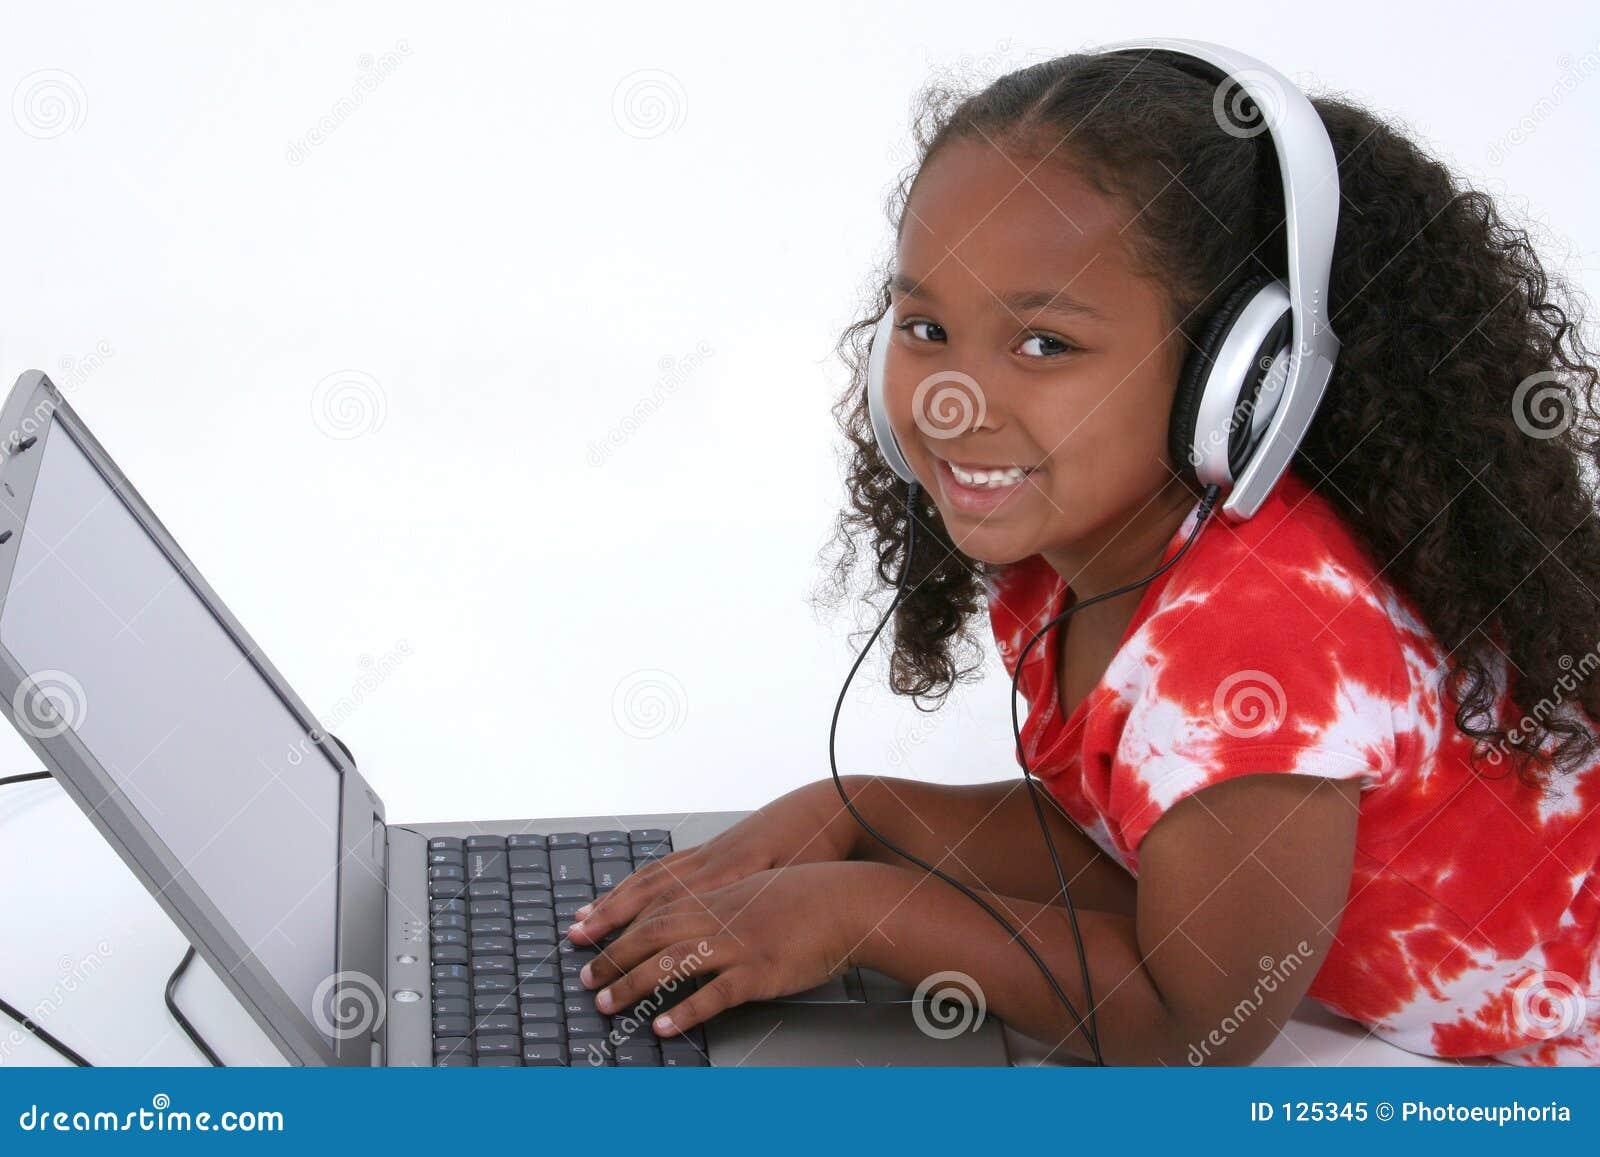 λατρευτή παλαιά συνεδρίαση lap-top κοριτσιών πατωμάτων υπολογιστών εξαετής